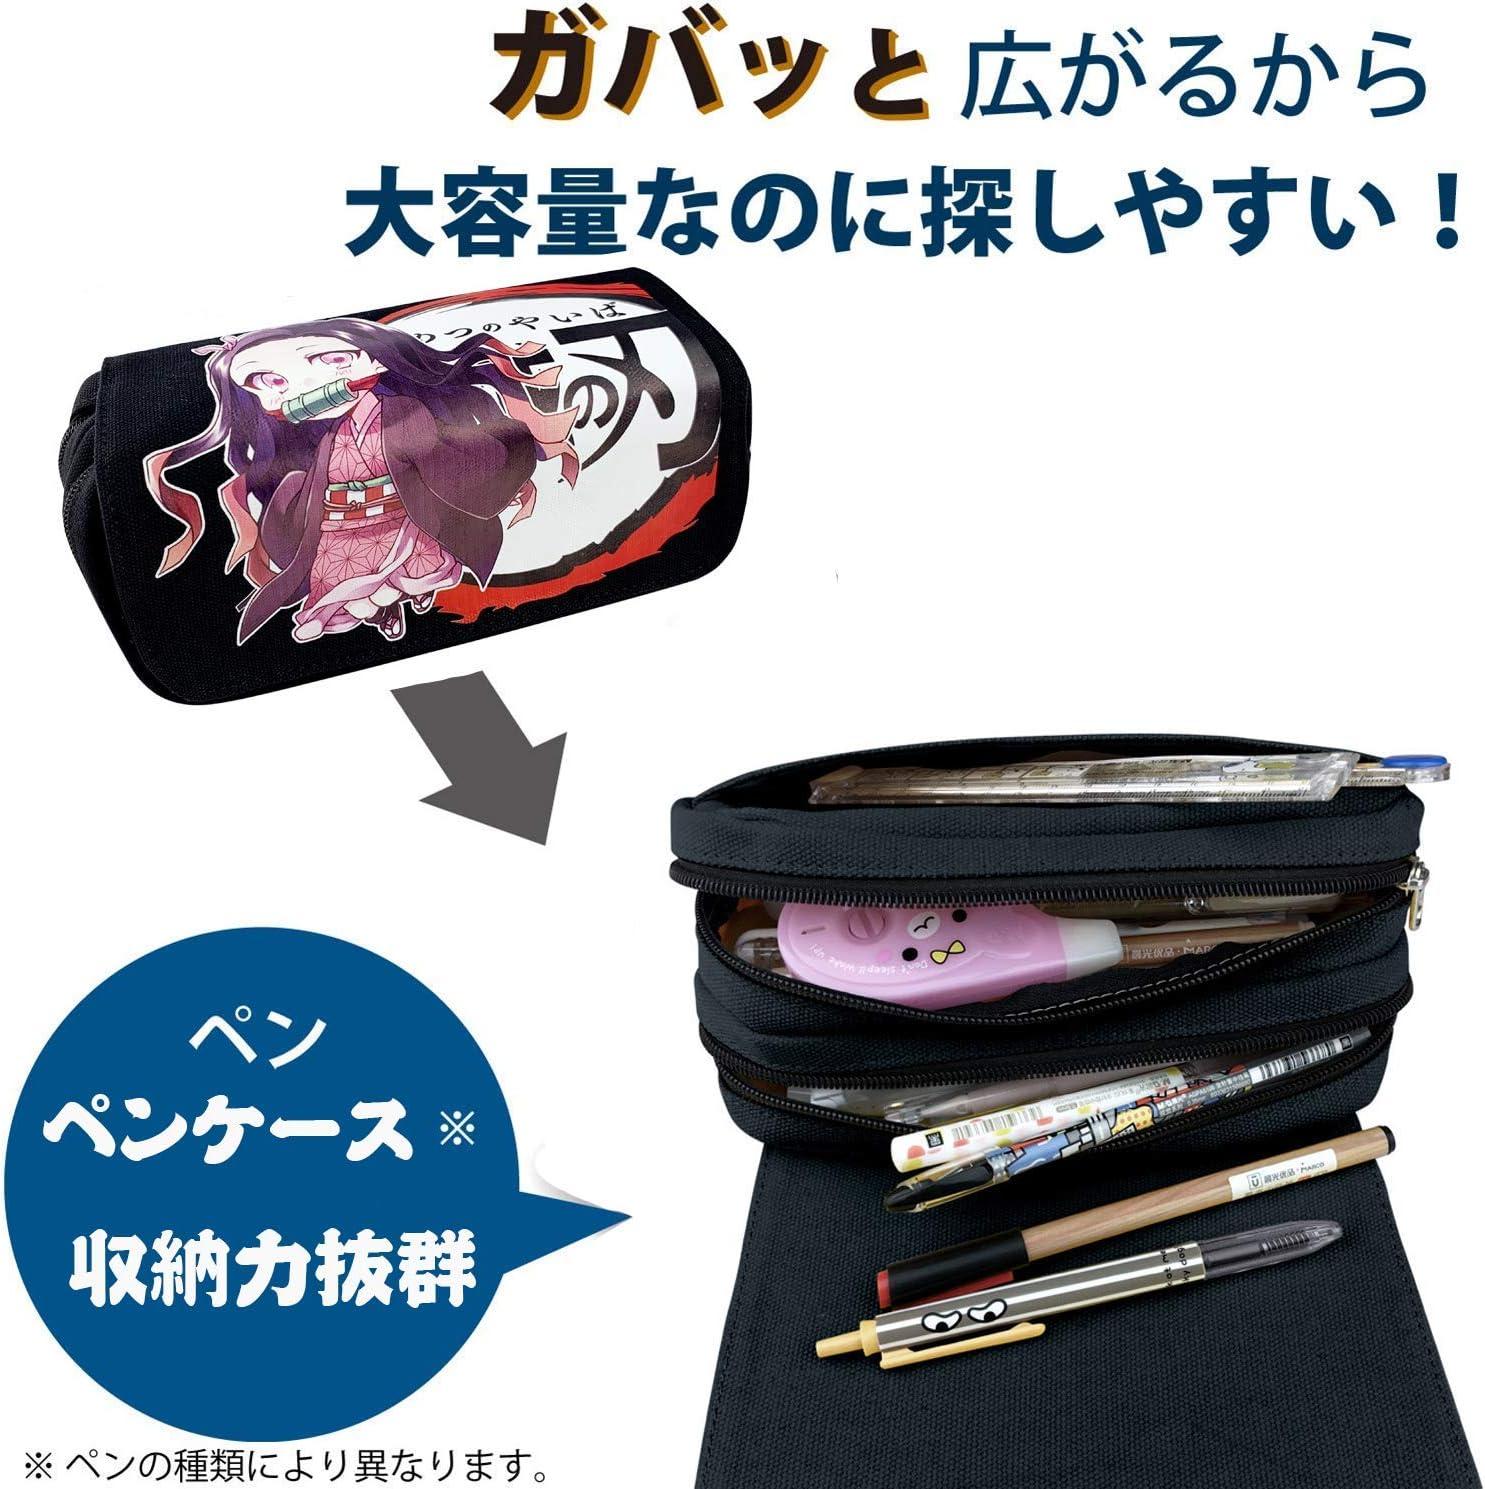 アニメ 鬼滅の刃 大容量 多機能ペンケース 筆箱 化粧ポーチ 男女兼用(かまど ねずこ)